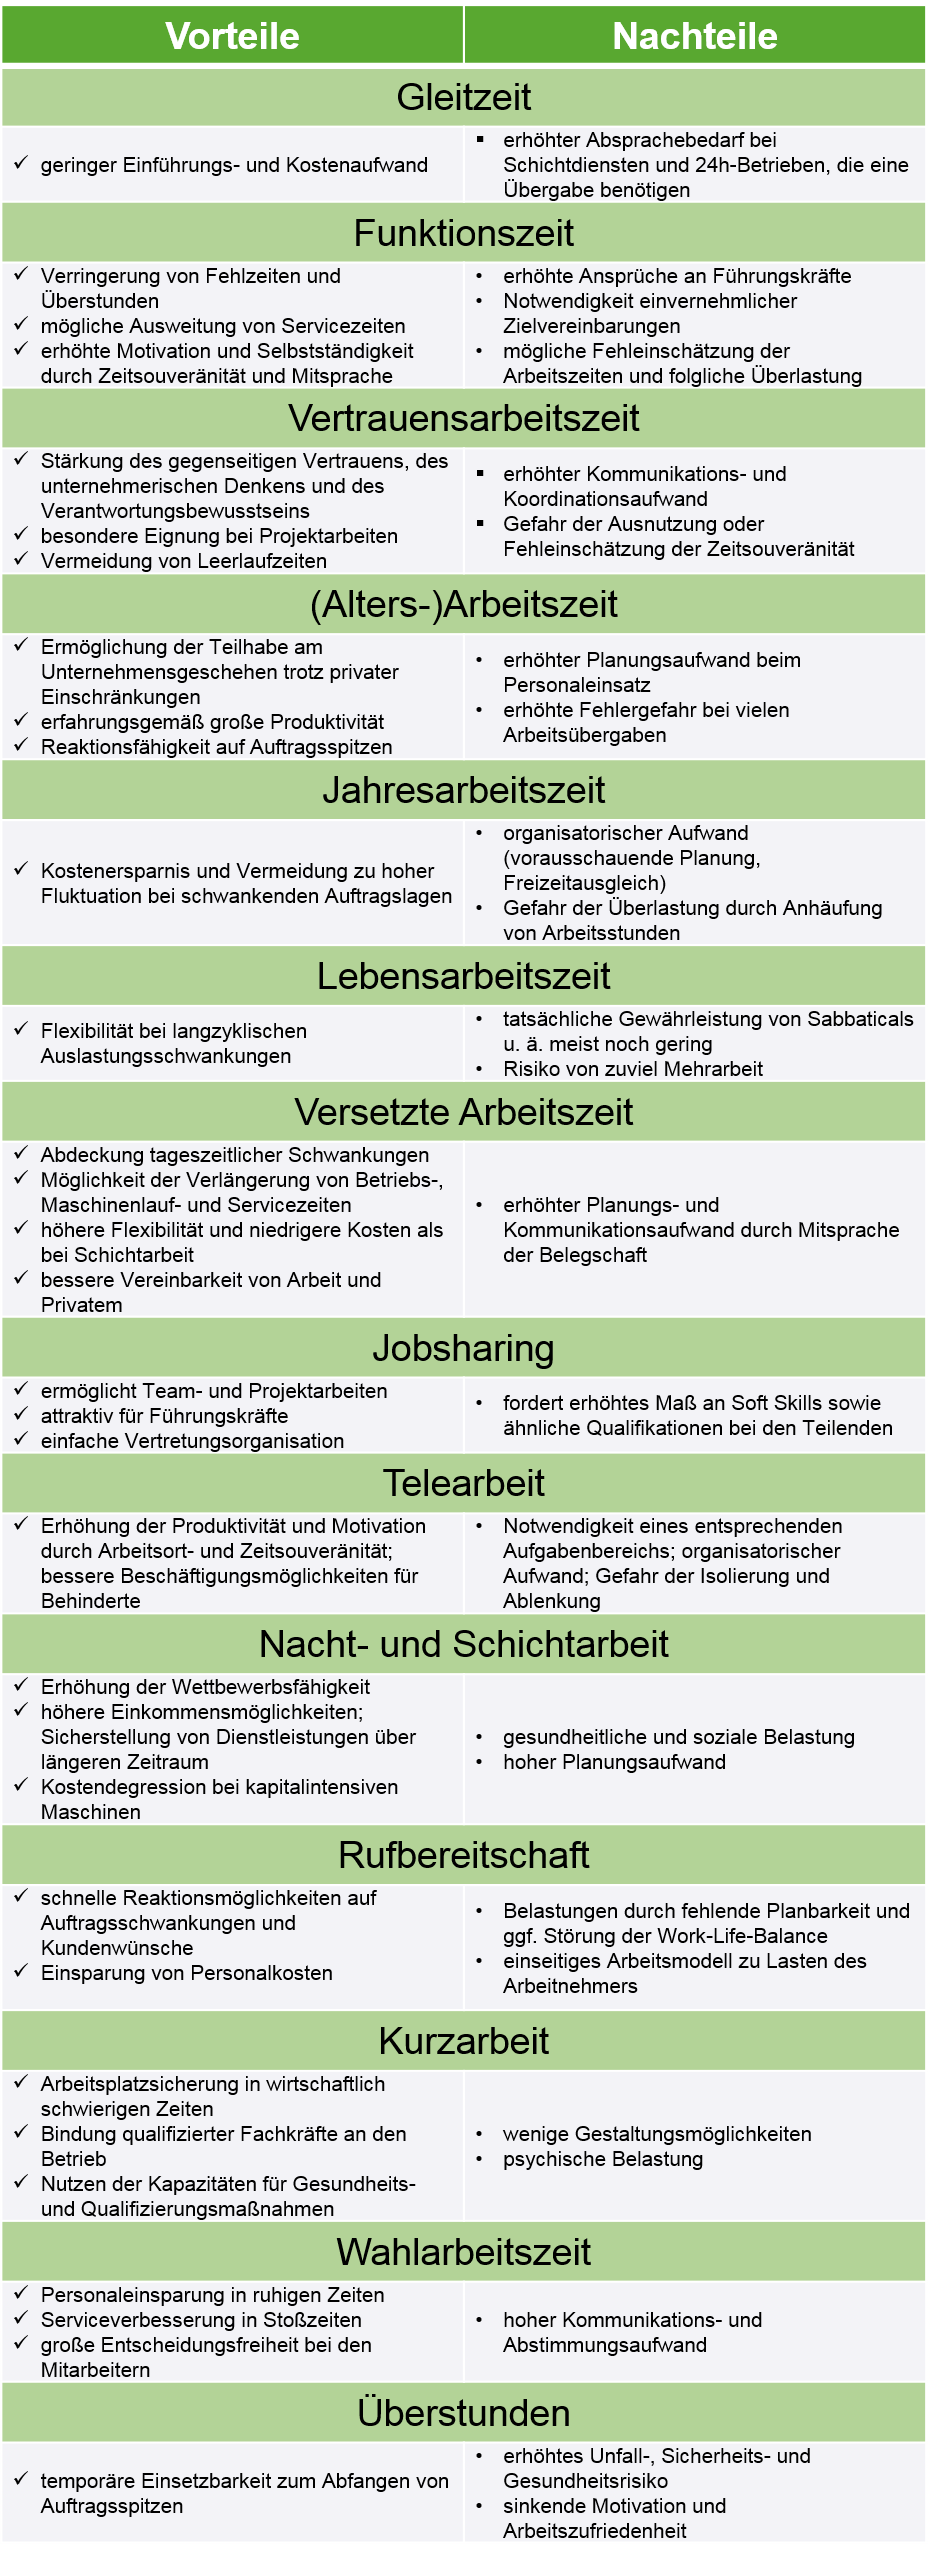 Der Lohn für Rufbereitschaft wird in Deutschland versteuert. Grenzgänger, die Rufbereitschaftsdienste leisten müssen, können aufatmen. Diese wurden bislang doppelt besteuert, nämlich von Luxemburg und Deutschland.